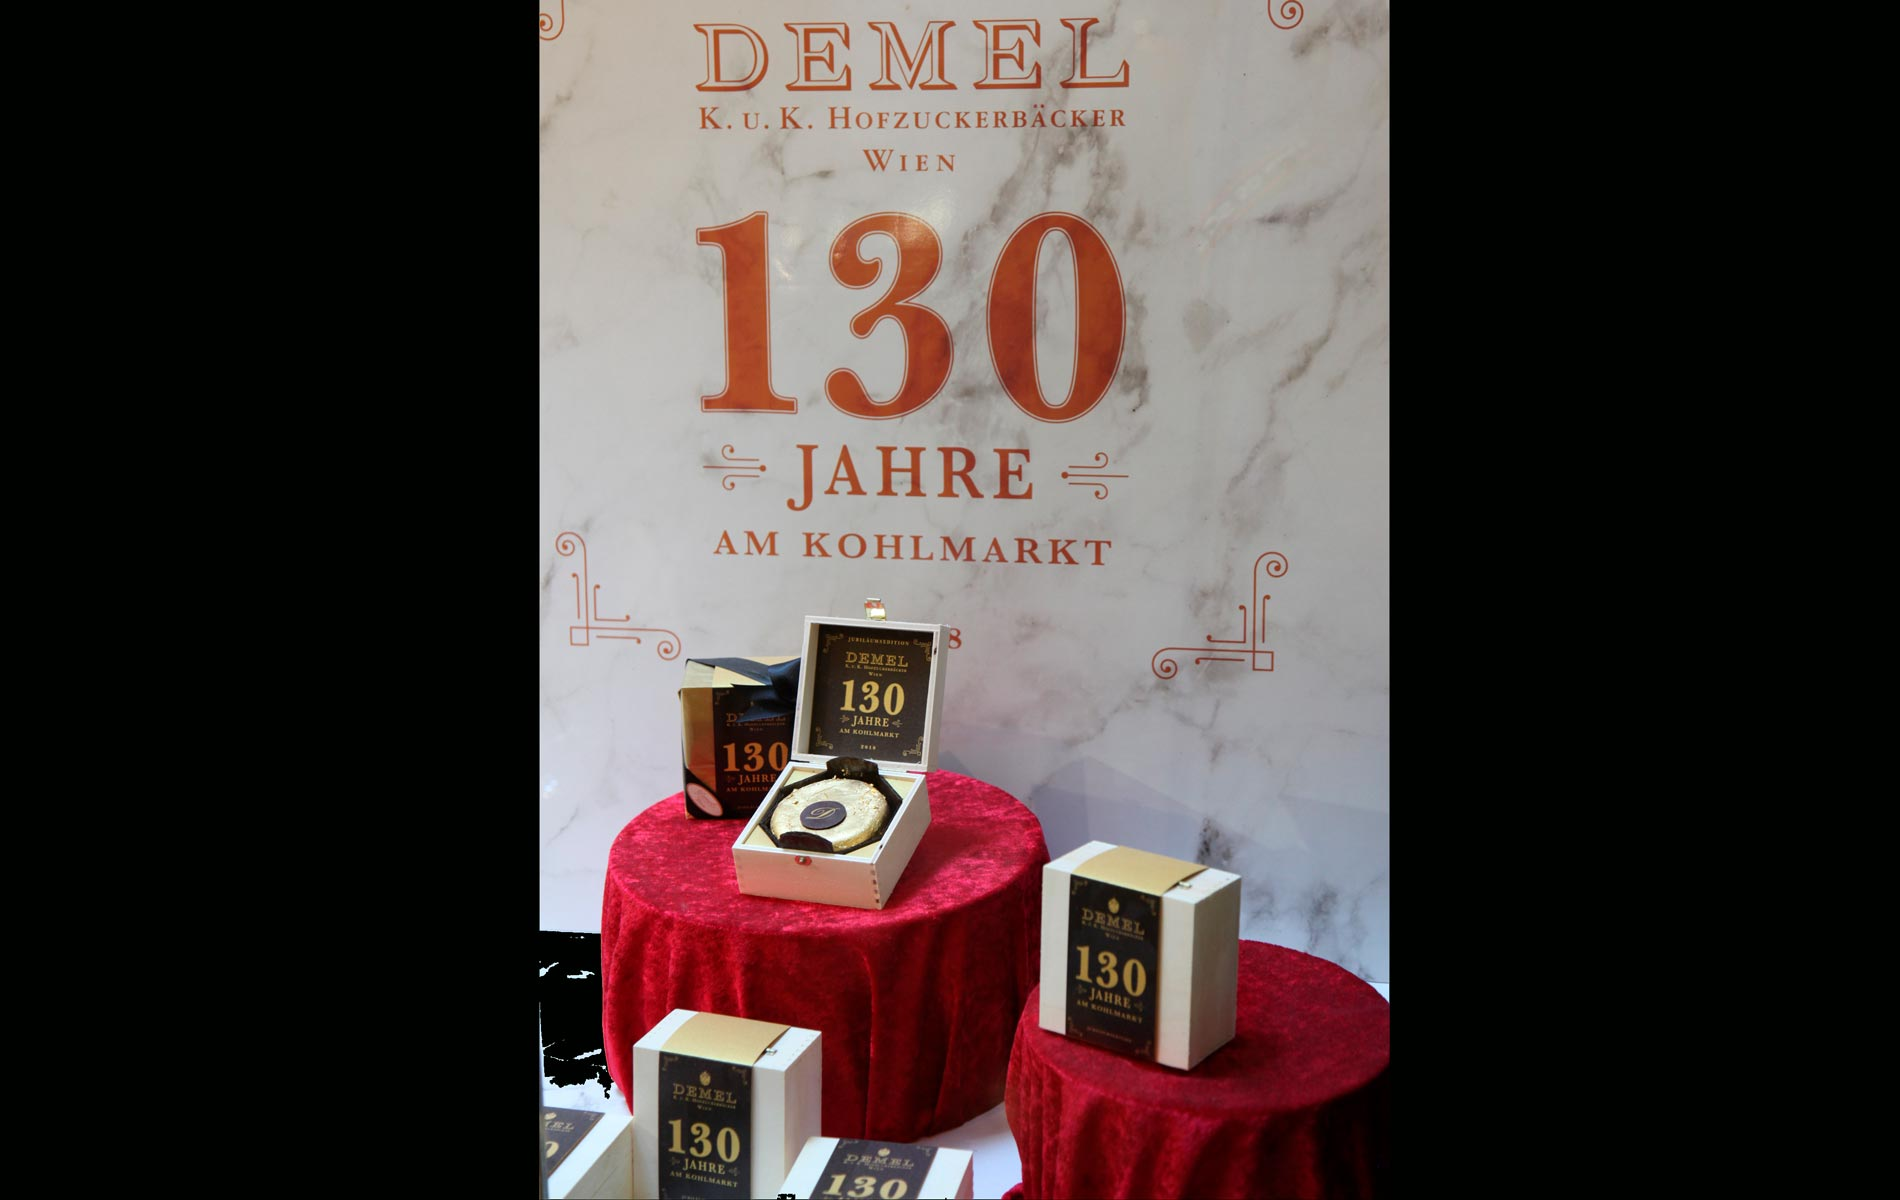 VIENNA_DEMEL